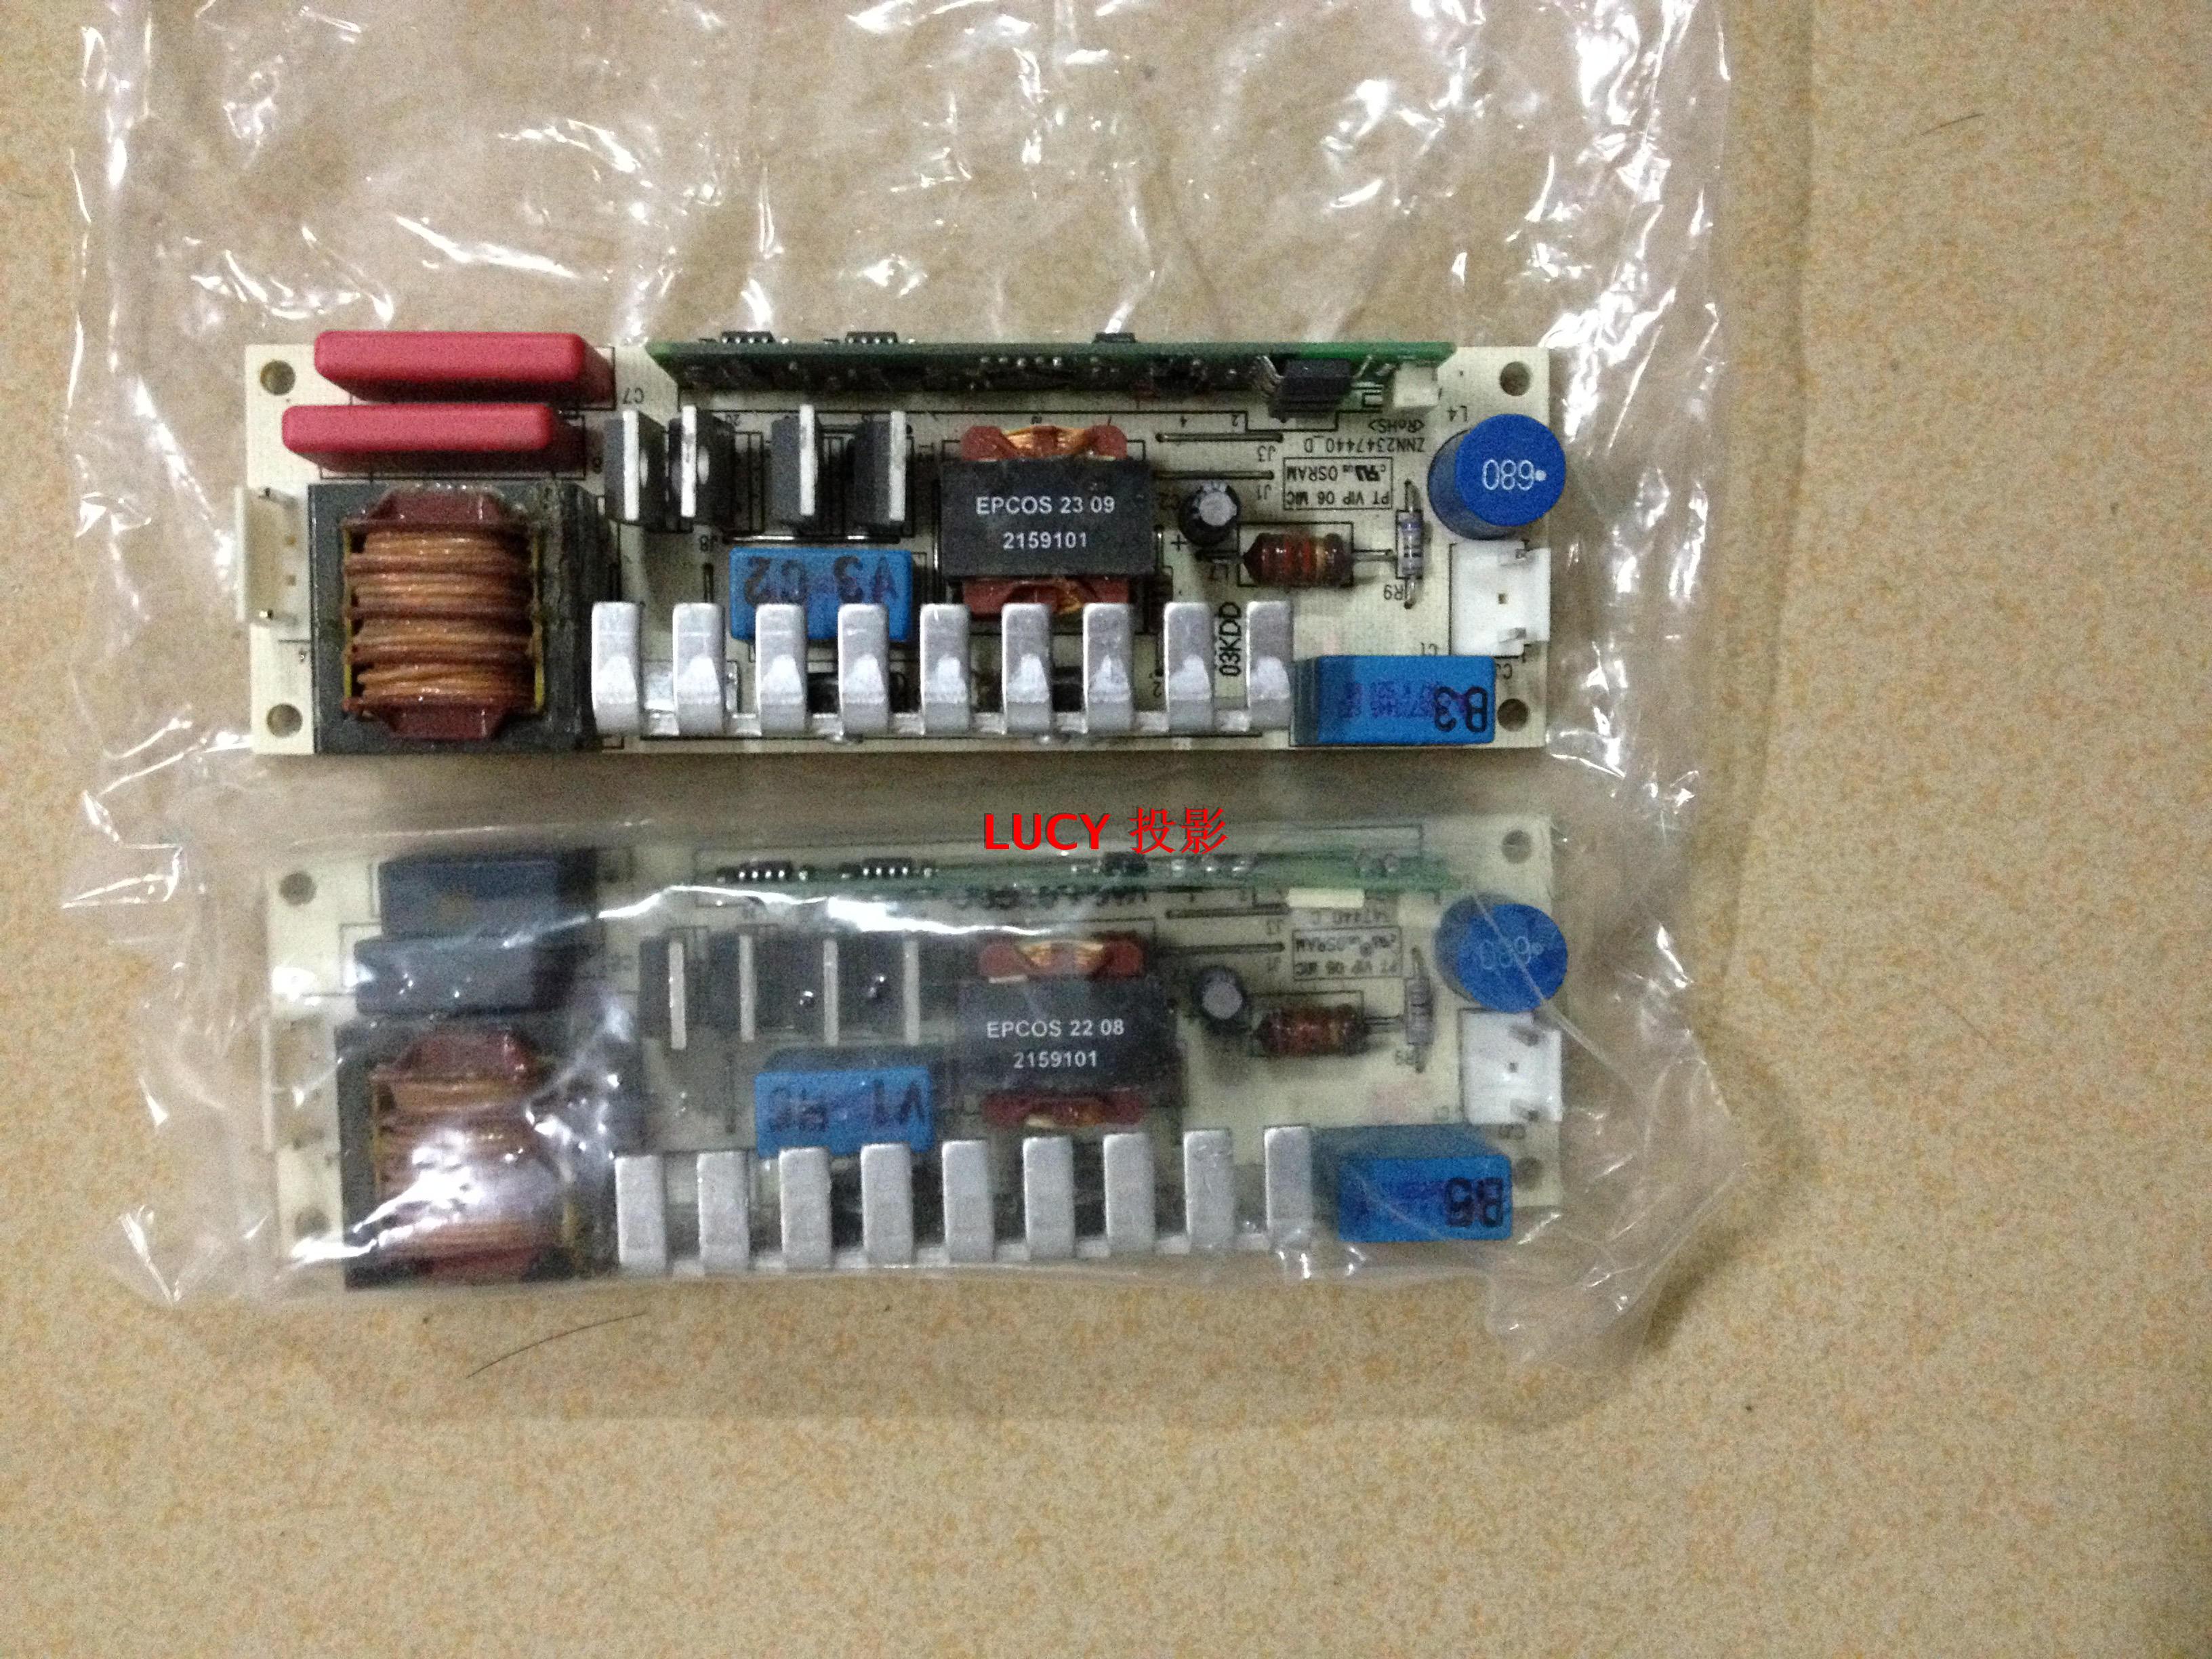 Bản gốc OSRAM VIP 06 MIC180? 90W đèn chiếu sáng cung cấp năng lượng cho bảng điện áp cao tháo rời phụ kiện